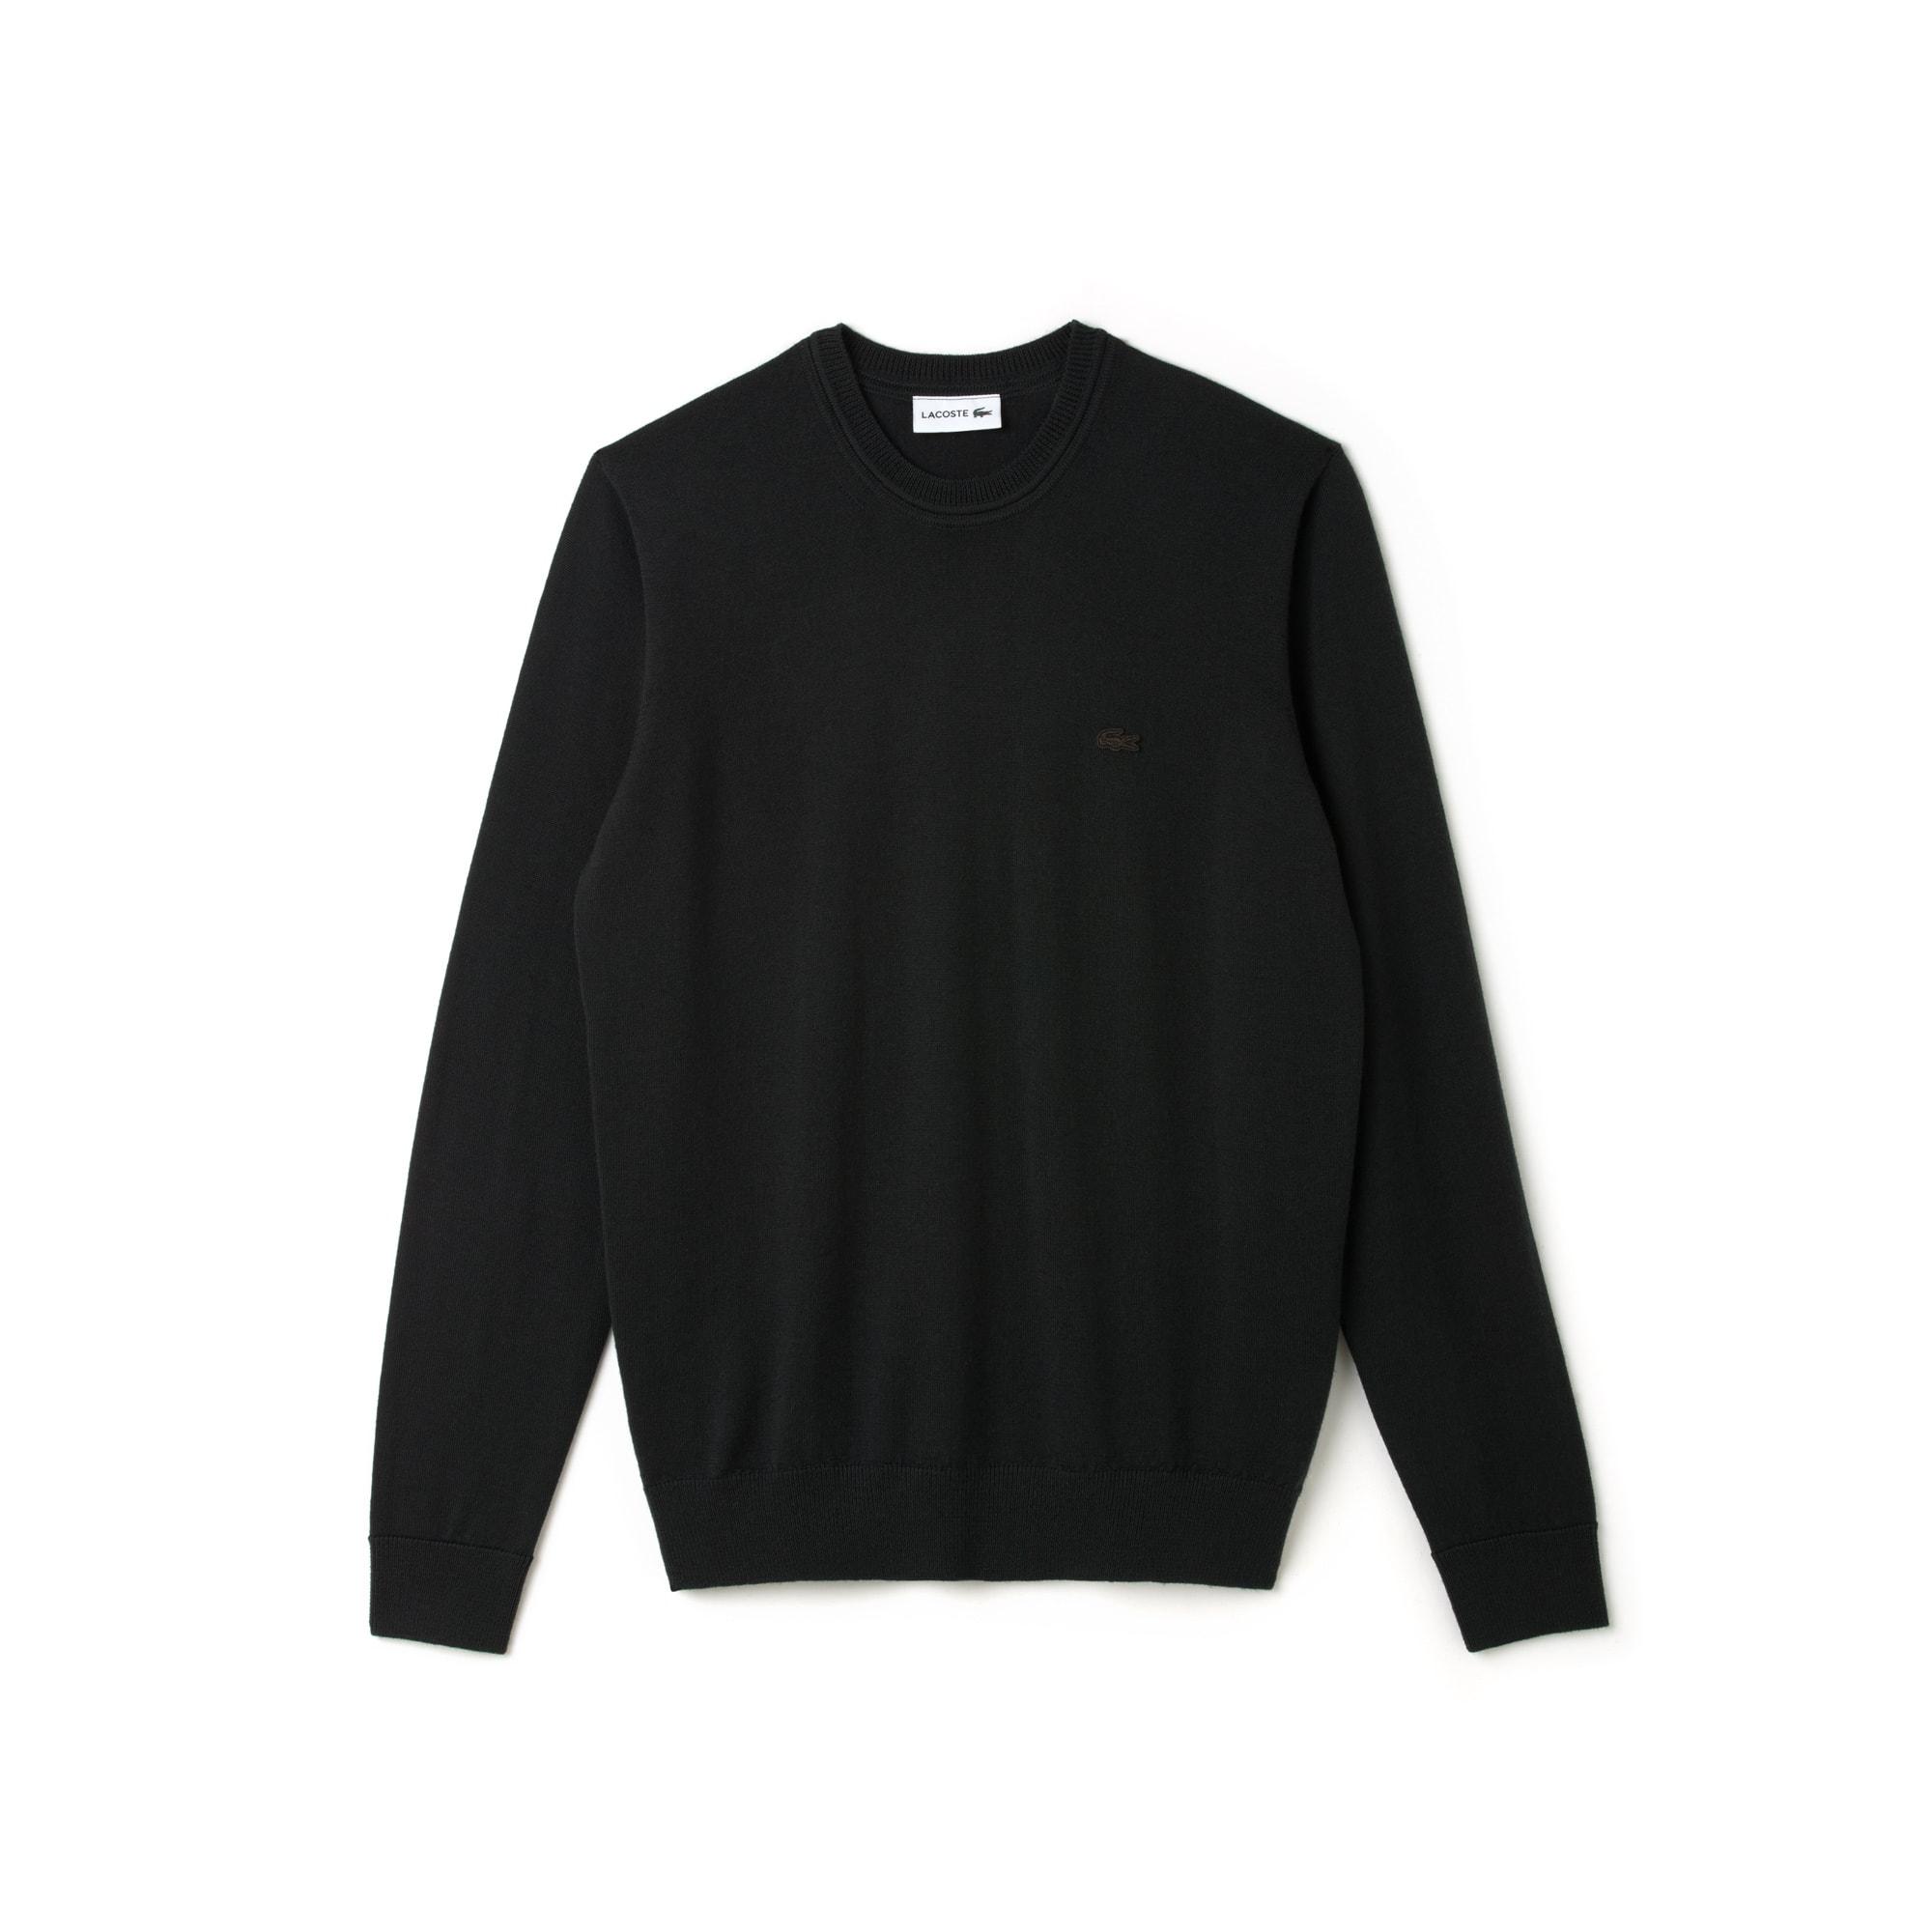 Camisola decote rente ao pescoço em jersey de lã unicolor